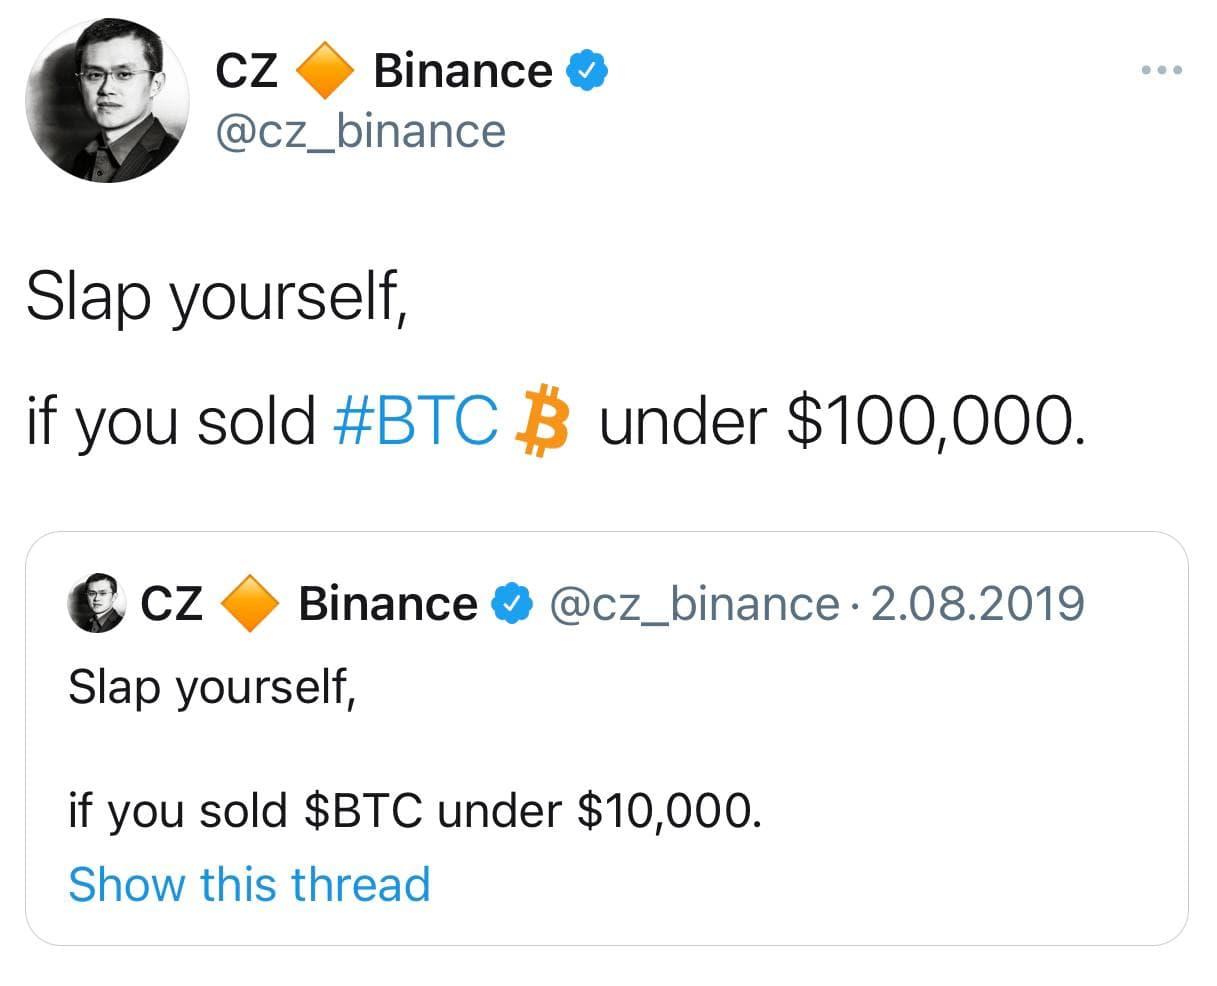 به خودتان سیلی بزنید اگر بیت کوین را زیر ۱۰۰ هزار دلار فروختید!